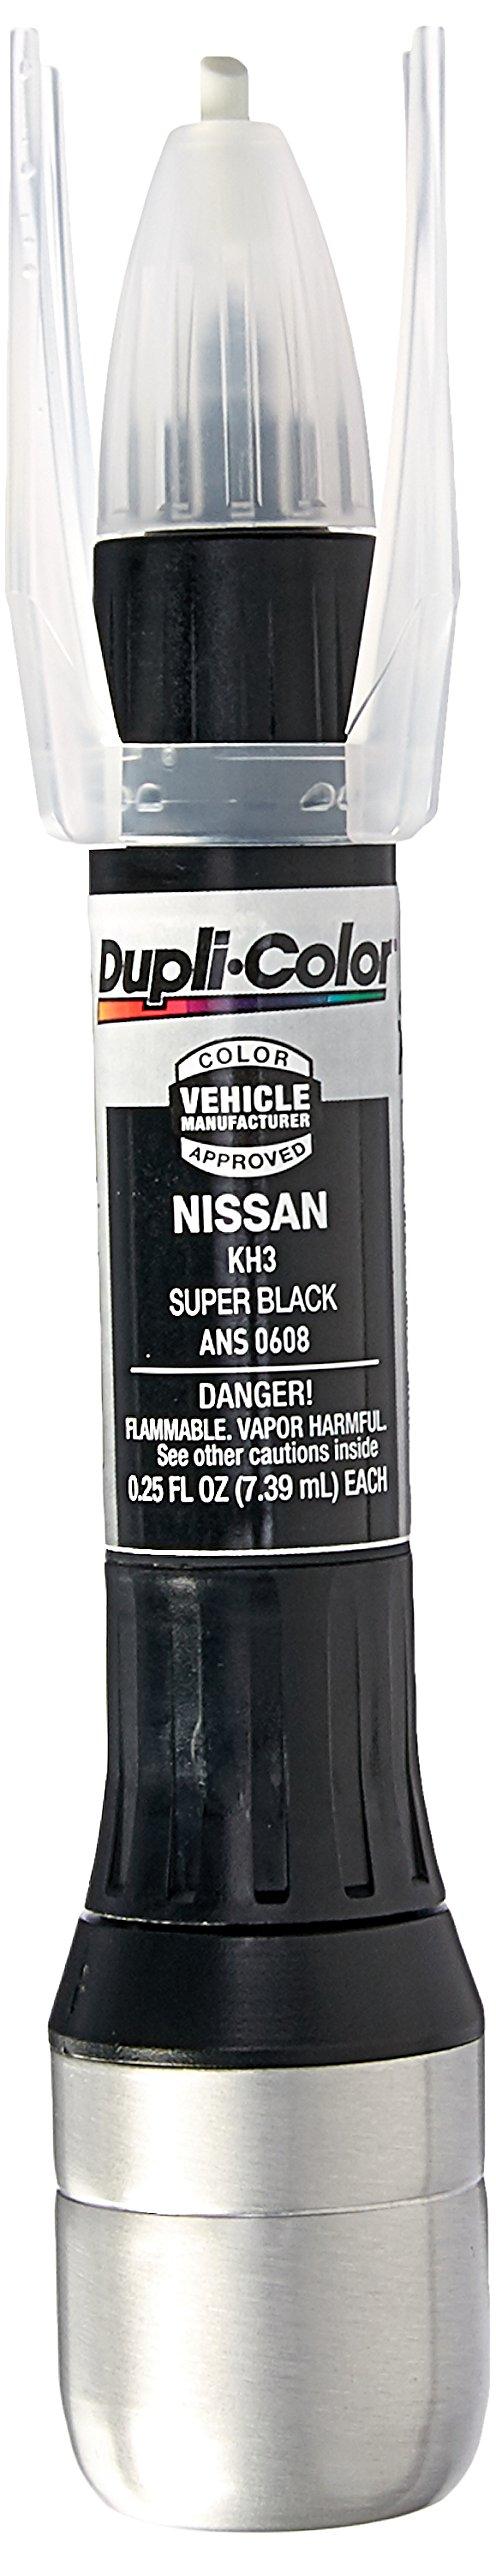 Dupli-Color EANS06080 Black Exact-Match Automotive Touch-Up Paint